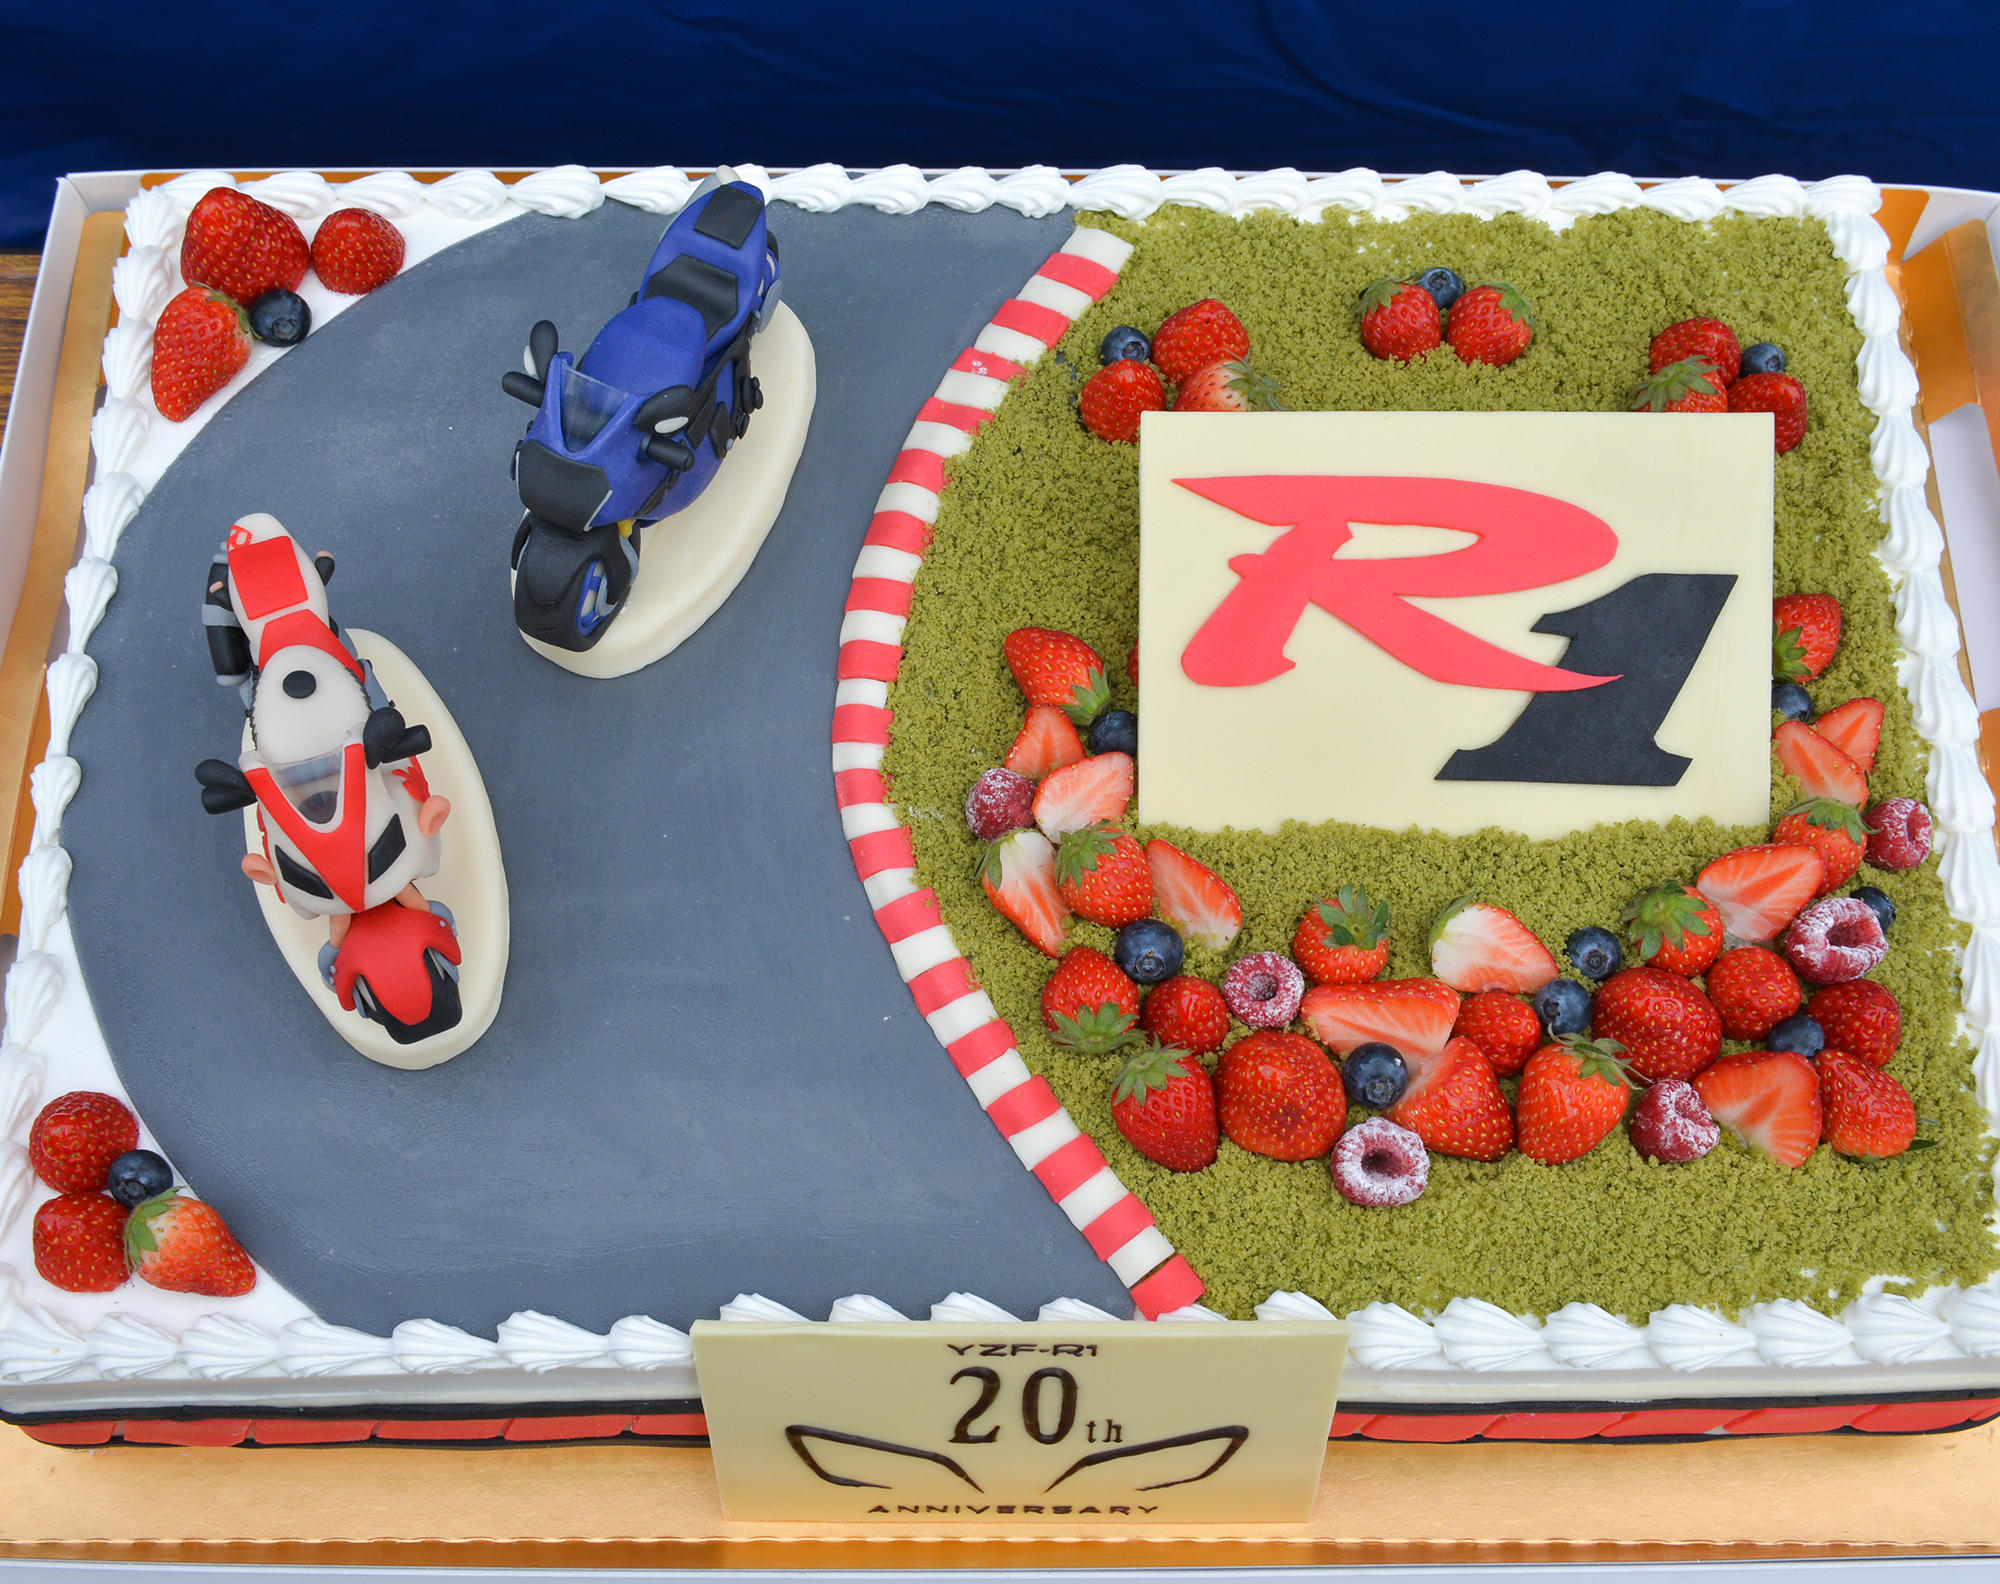 800人のファンのみなさんとYZF-R1誕生20周年を祝福。おいし〜くて楽しい♫ YZF-Rオーナーズミーティング開催レポ(その2:車両展示)